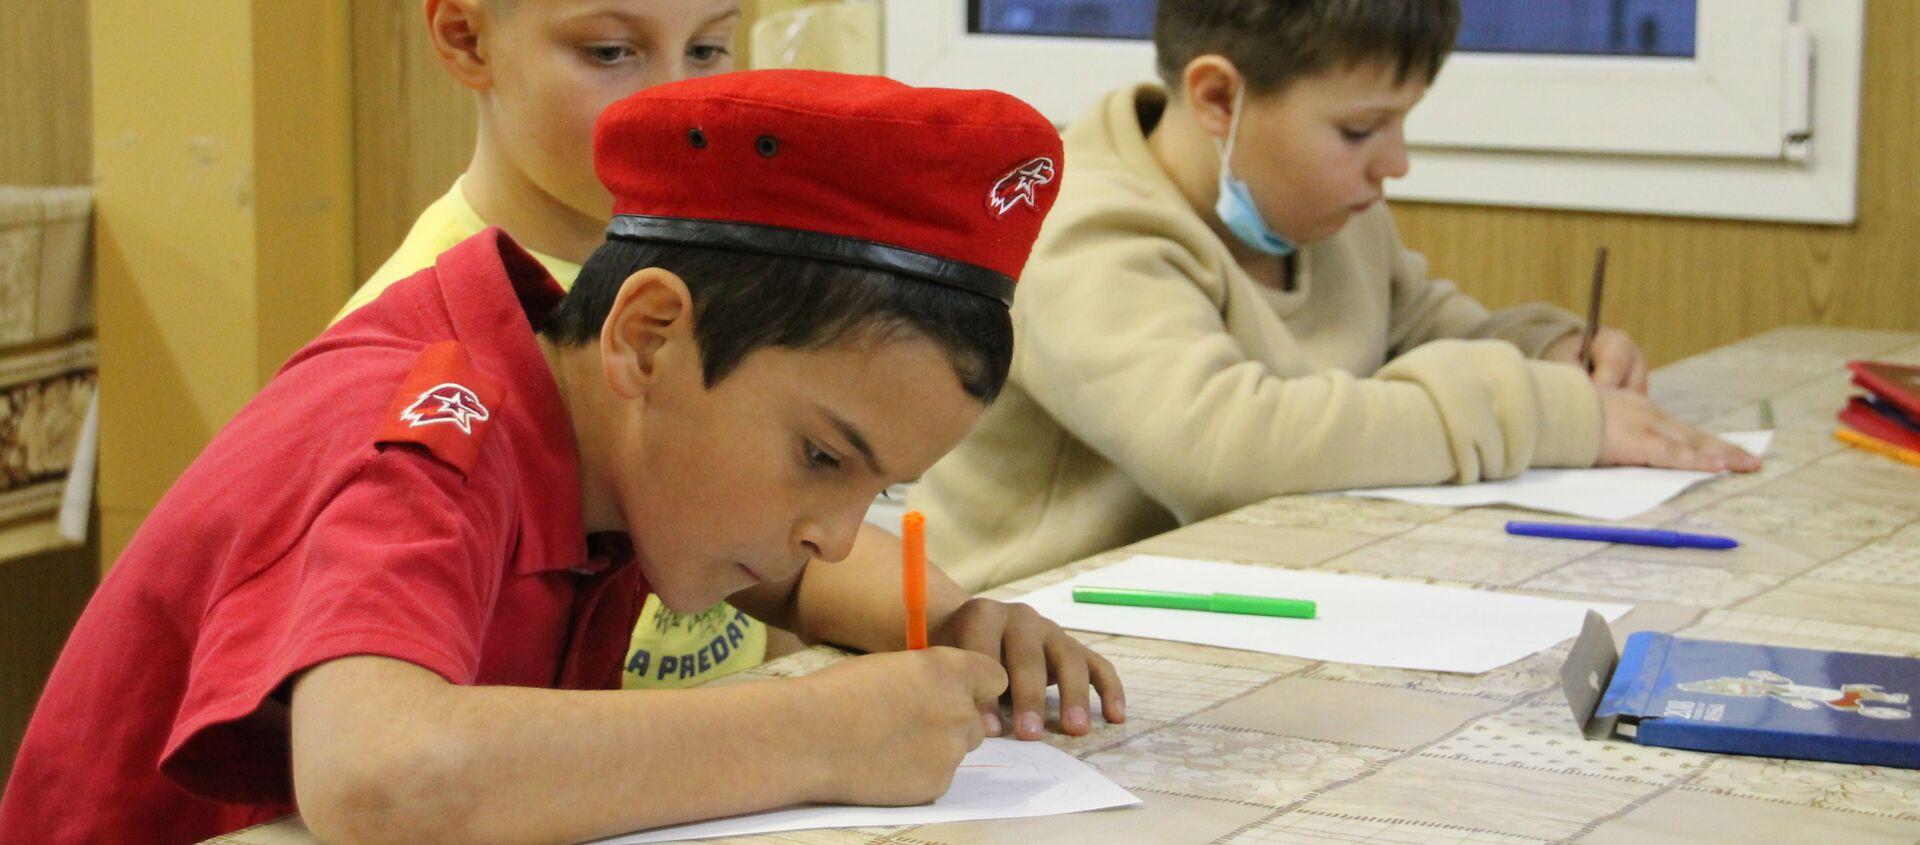 На российской военной базе Южного военного округа (ЮВО), состоялся конкурс детских рисунков на тему «Военные врачи глазами ребенка» - Sputnik Аҧсны, 1920, 22.02.2021